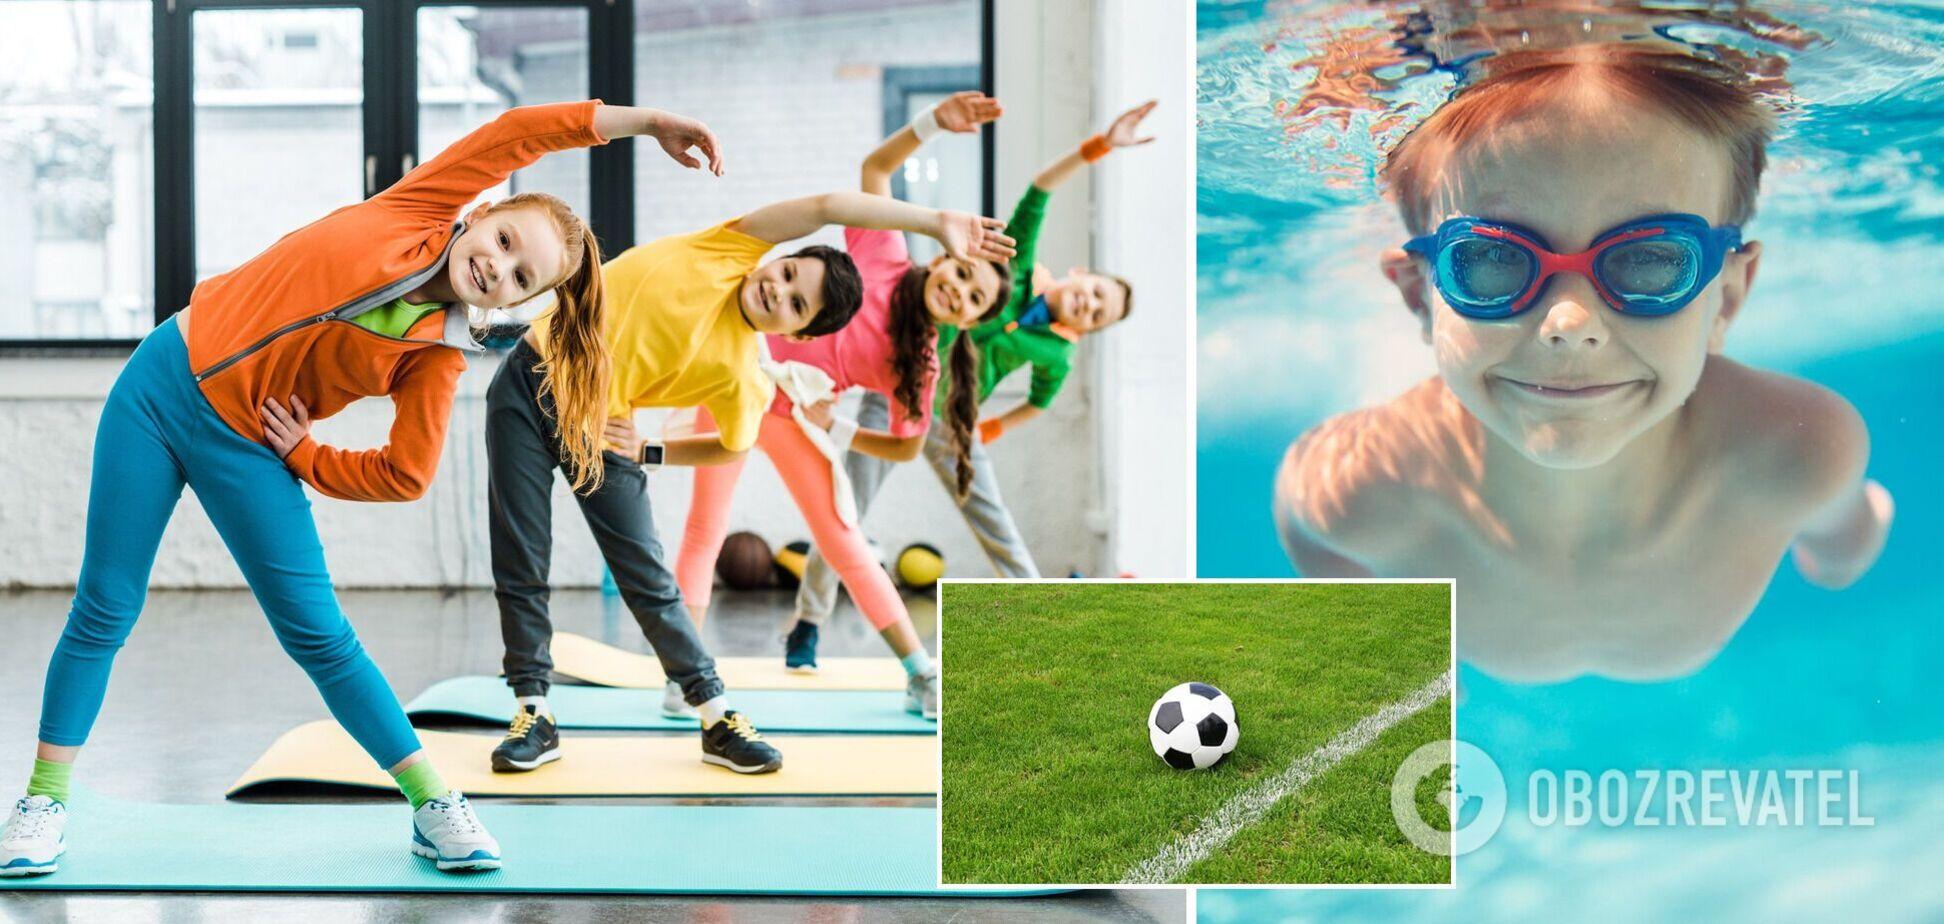 Как оторвать ребенка от смартфона и научить любить спорт: семь советов